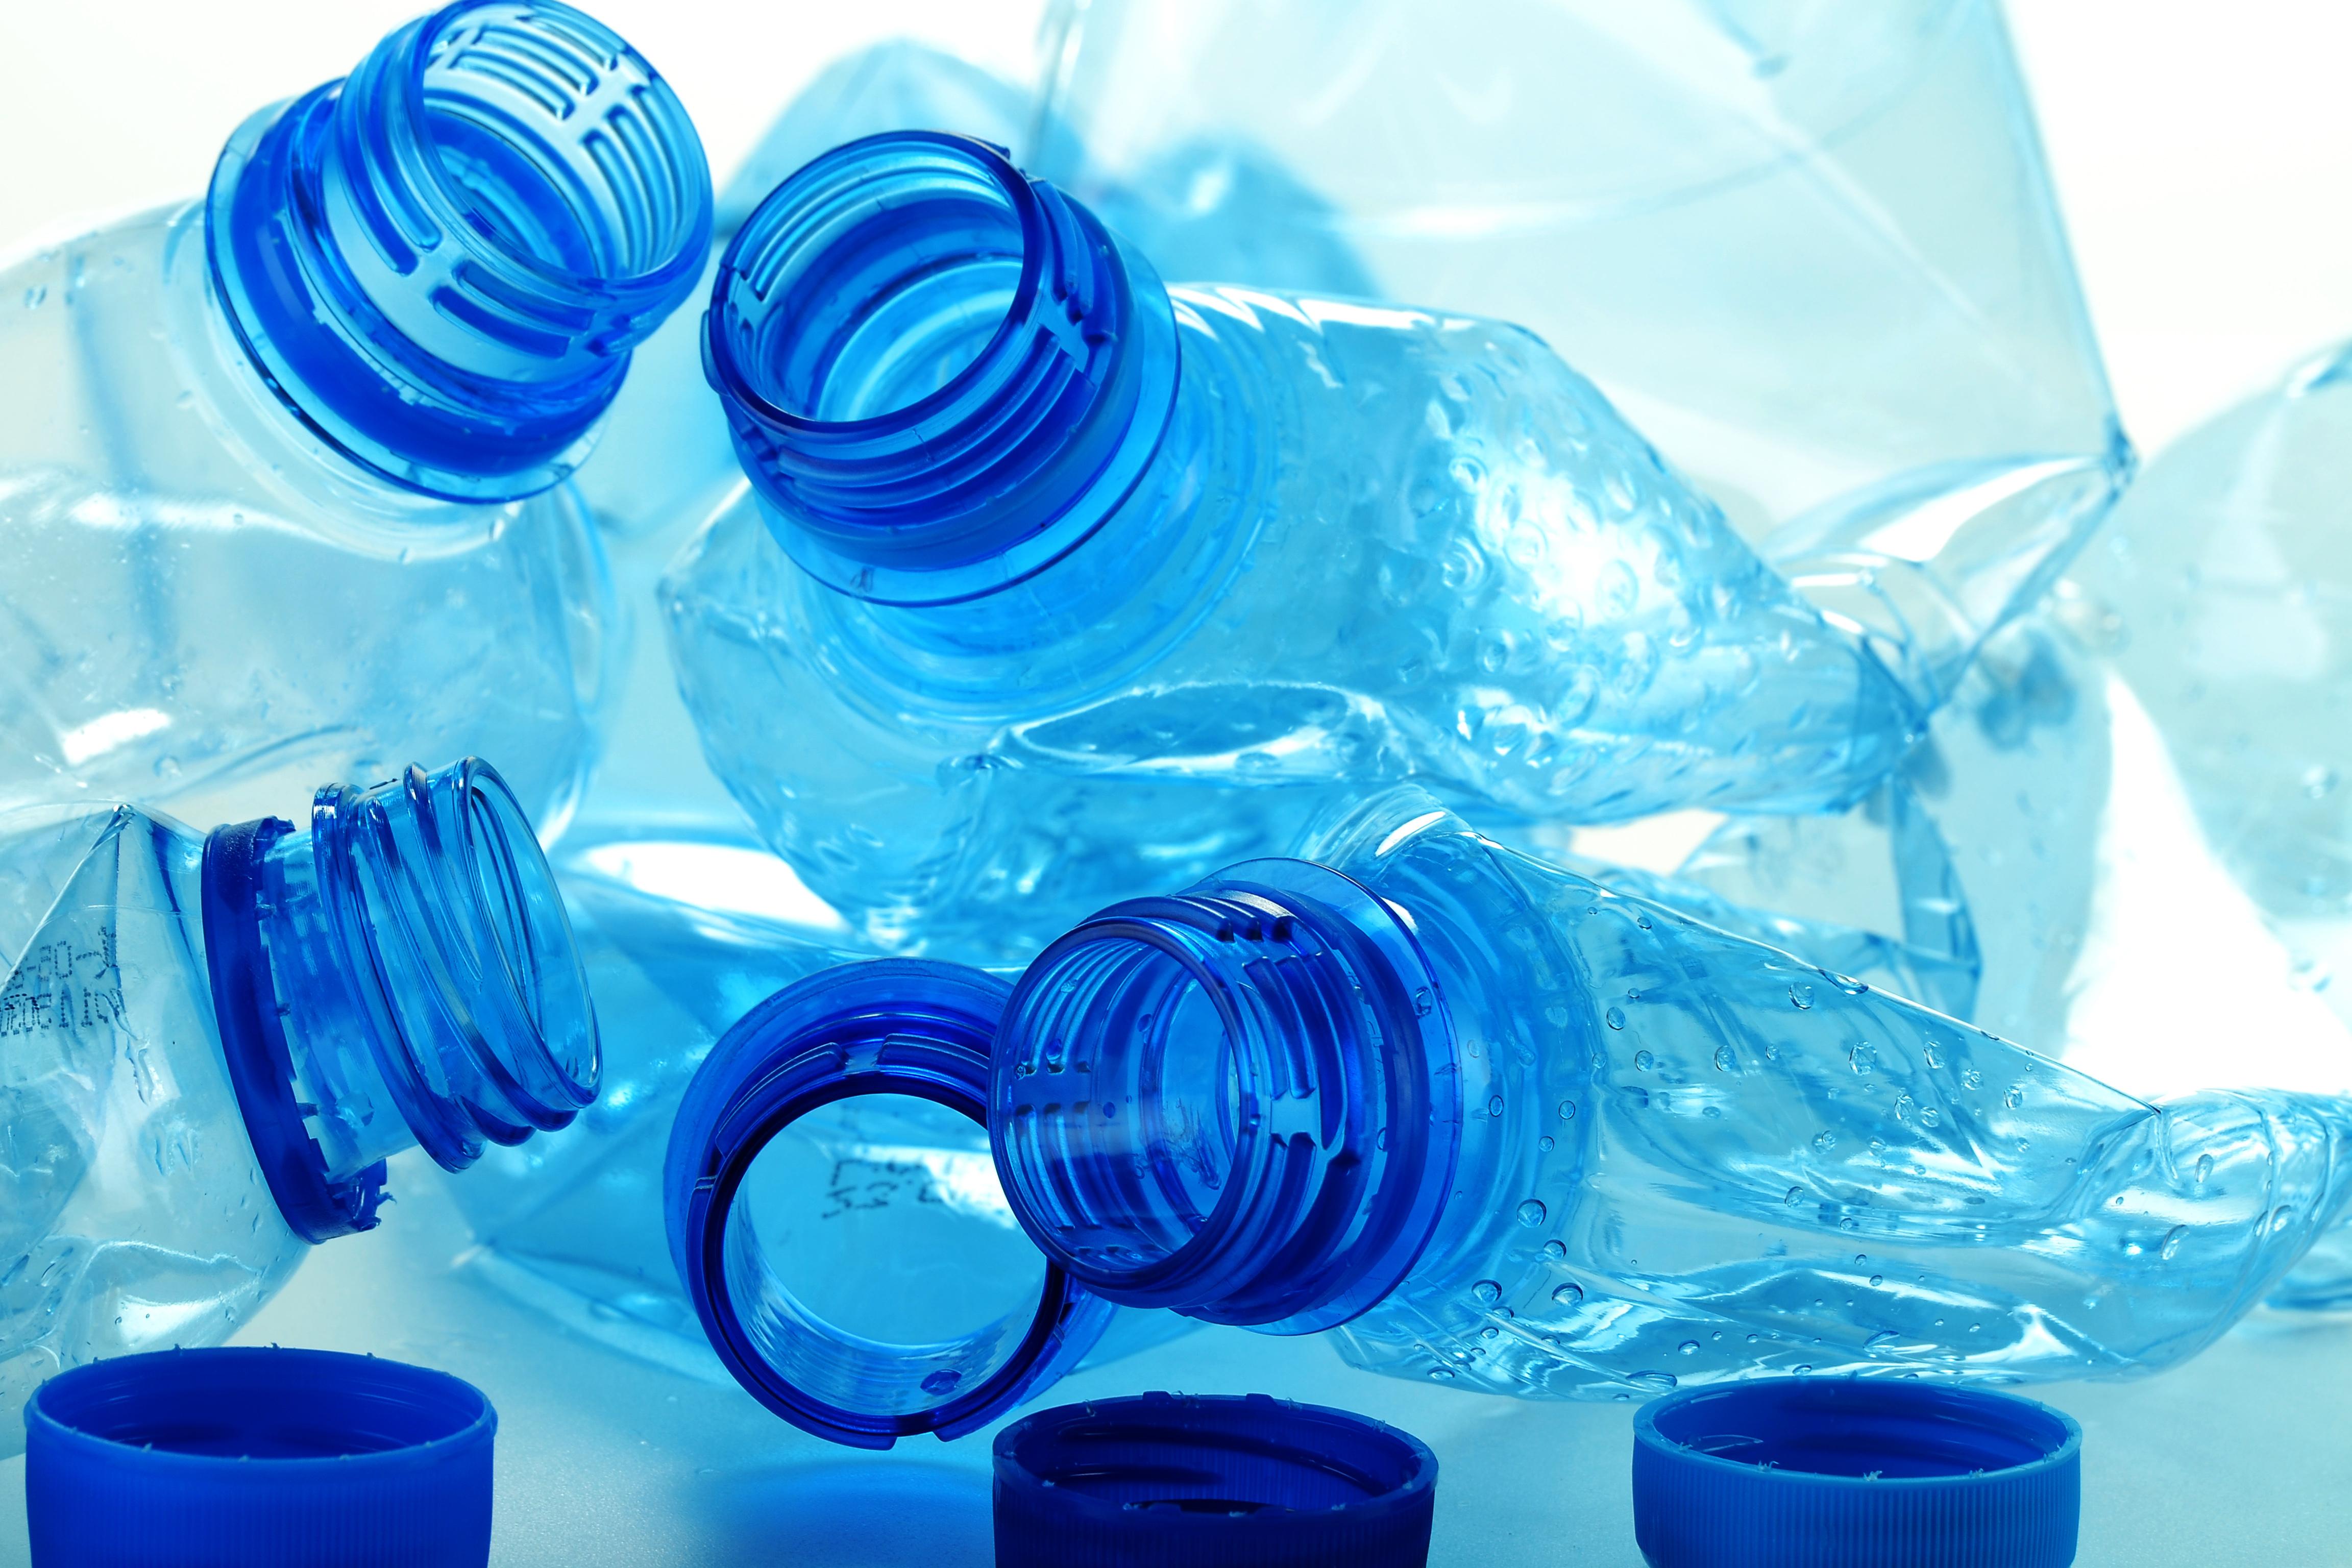 Colectare deseuri mase plastice Botosani